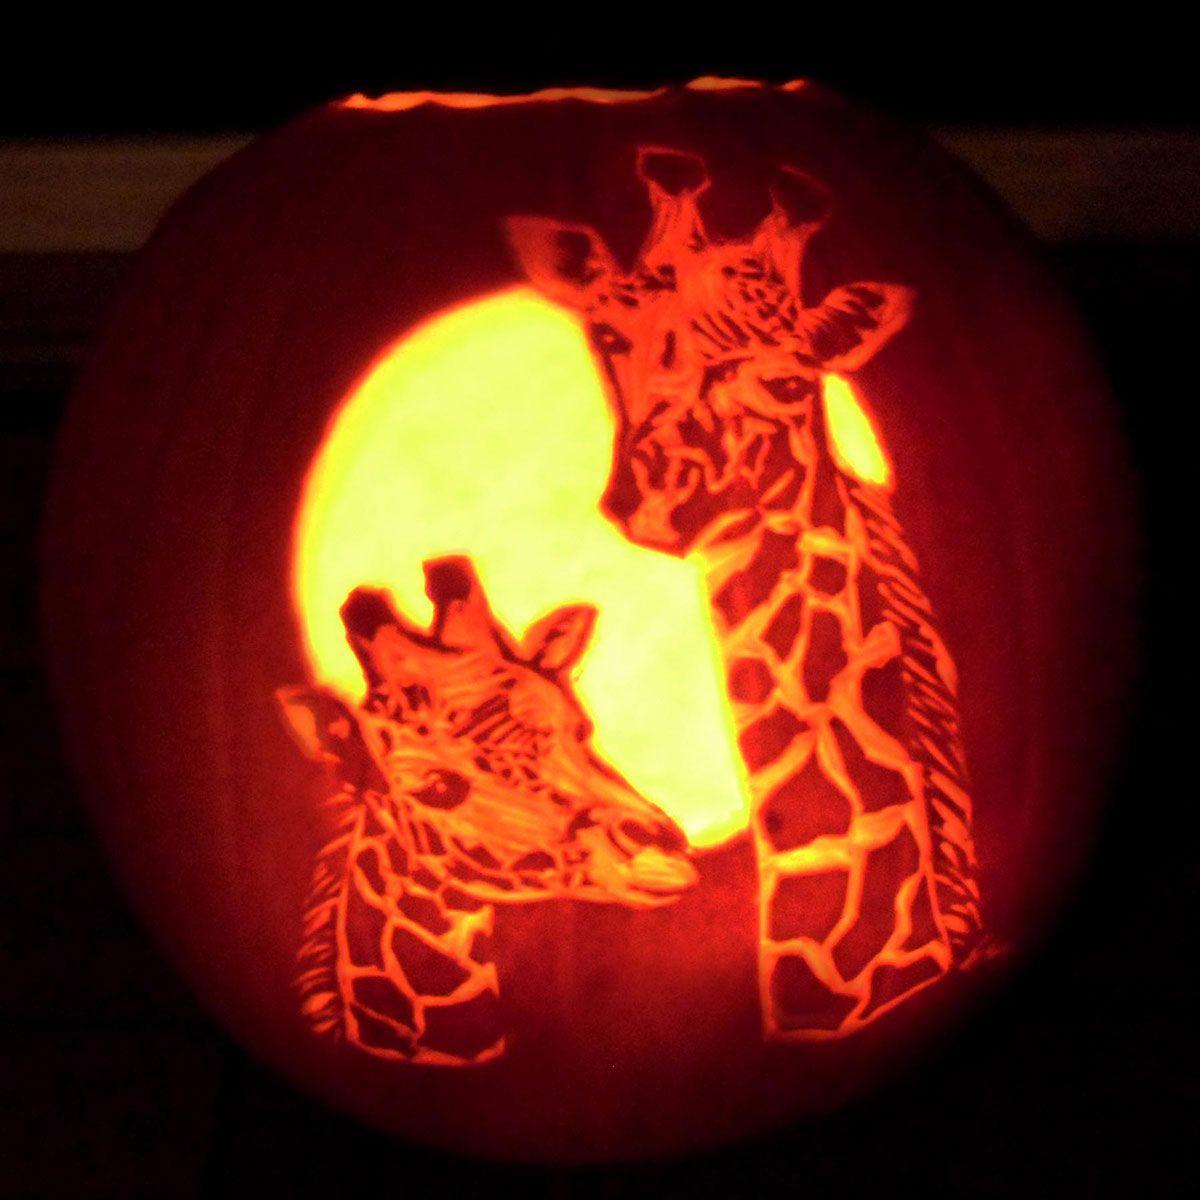 pumpkin template giraffe  pumpkin giraffe | Pumpkin carving templates, Pumpkin carving ...